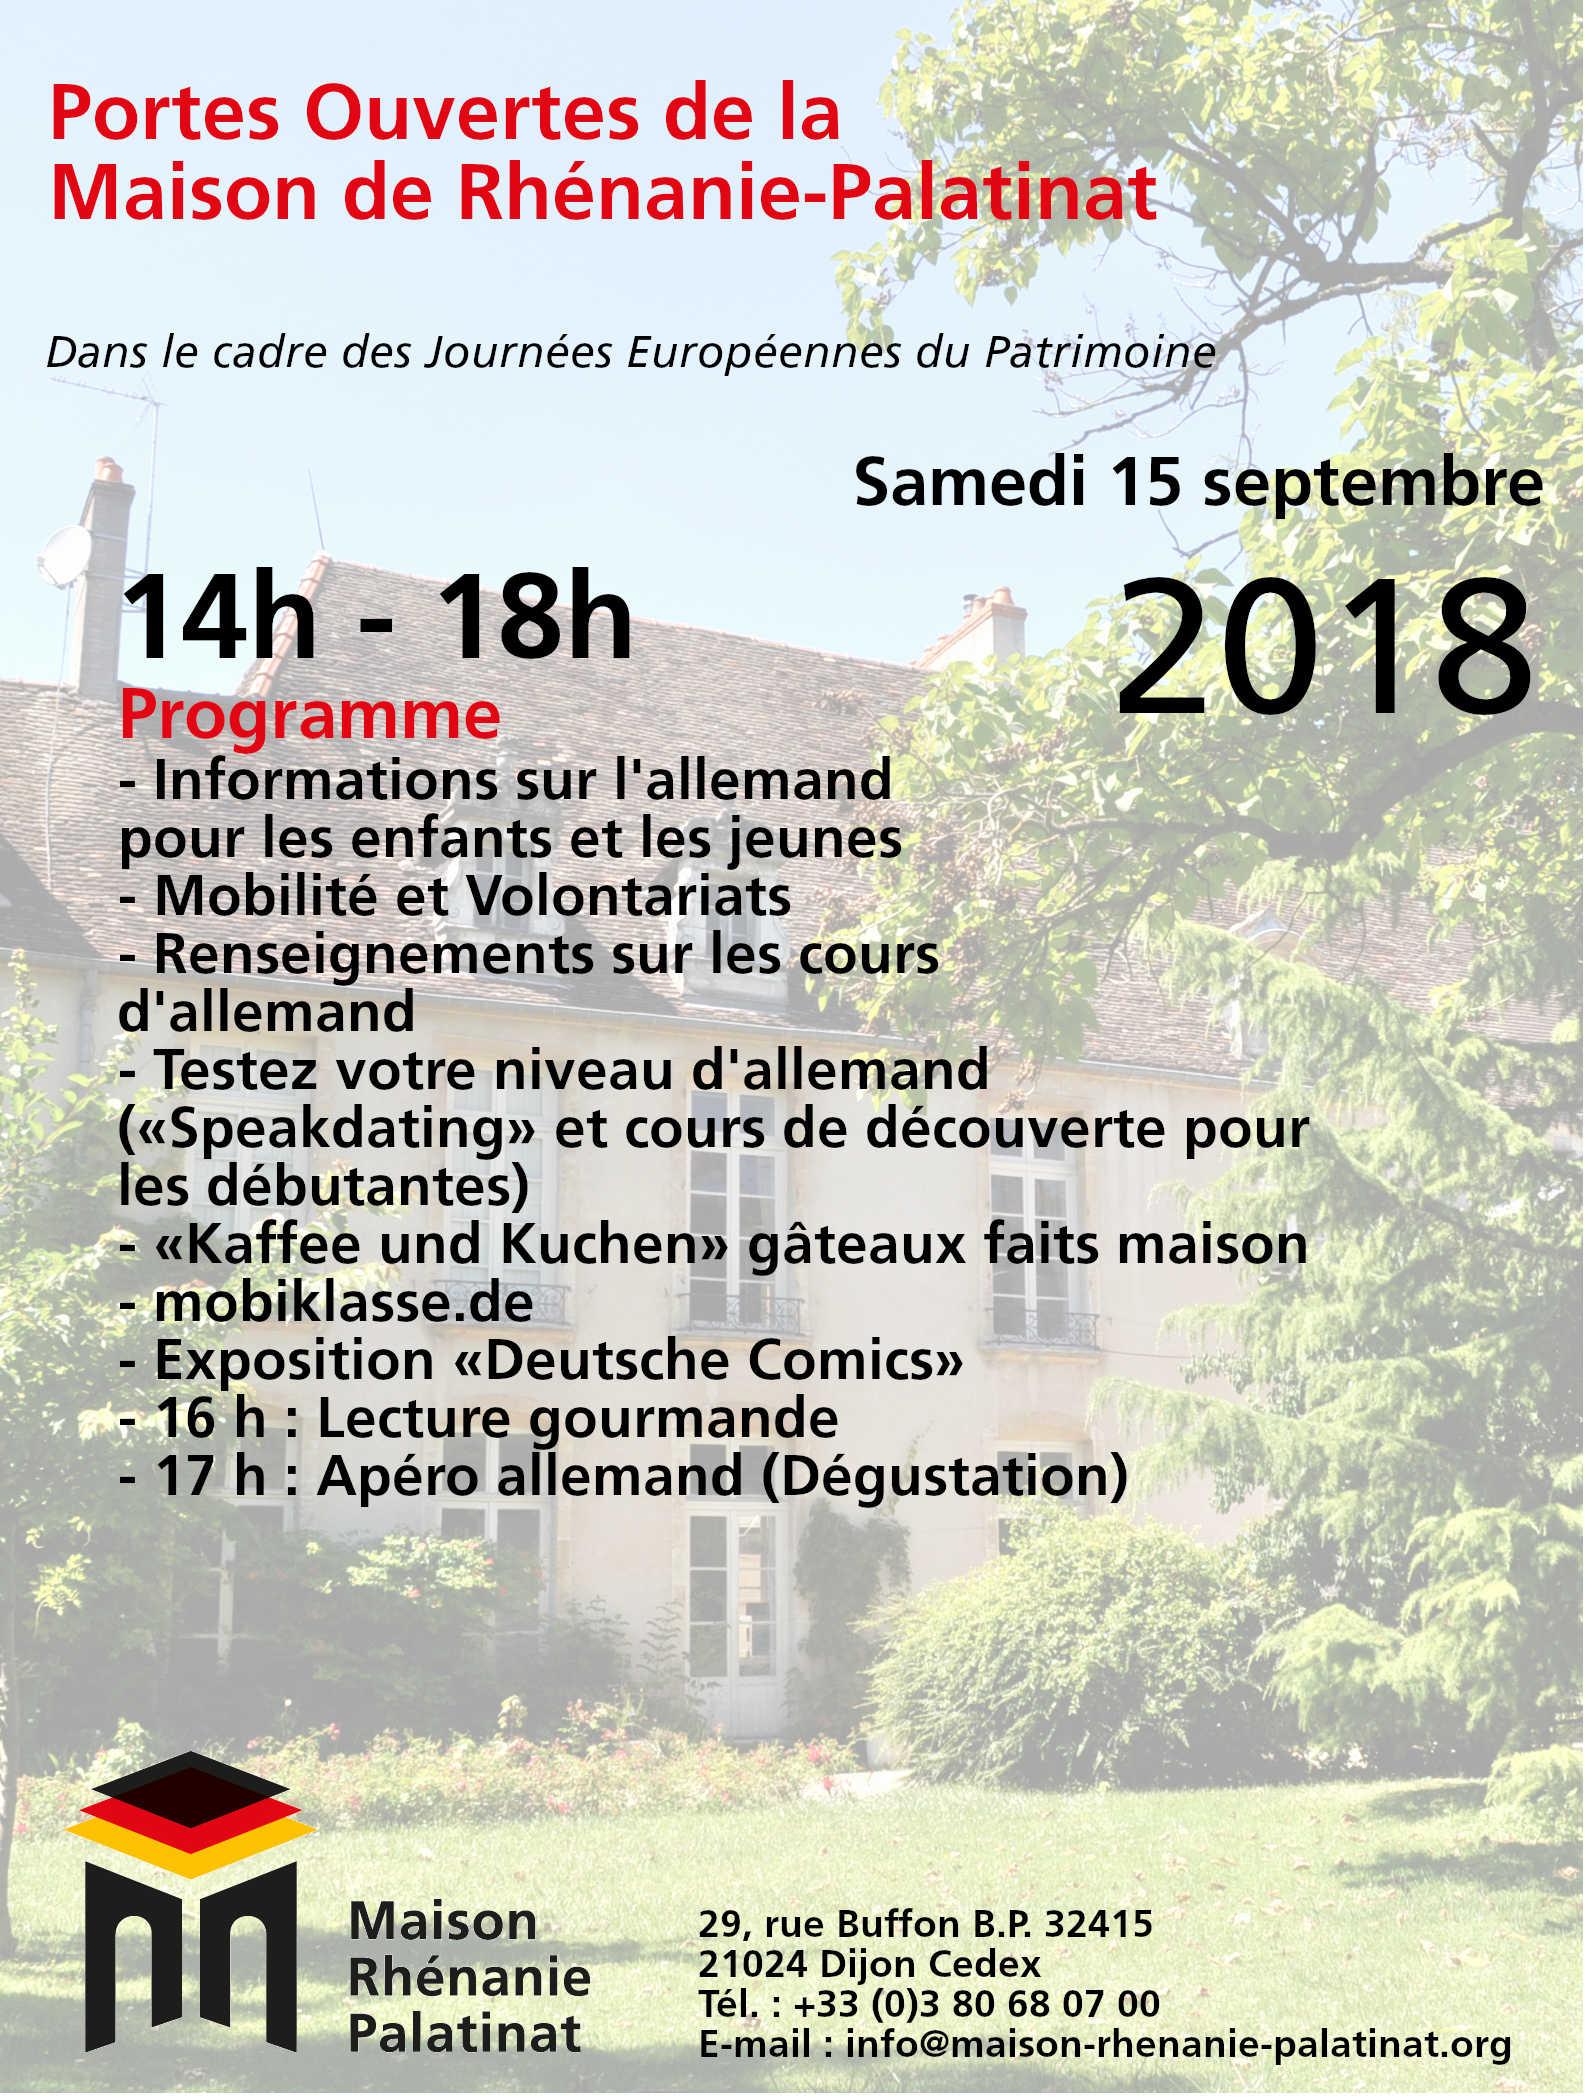 Samedi 15 septembre 2018 : Journée Portes-Ouvertes de la Maison de Rhénanie-Palatinat (Tag der offenen Tür )